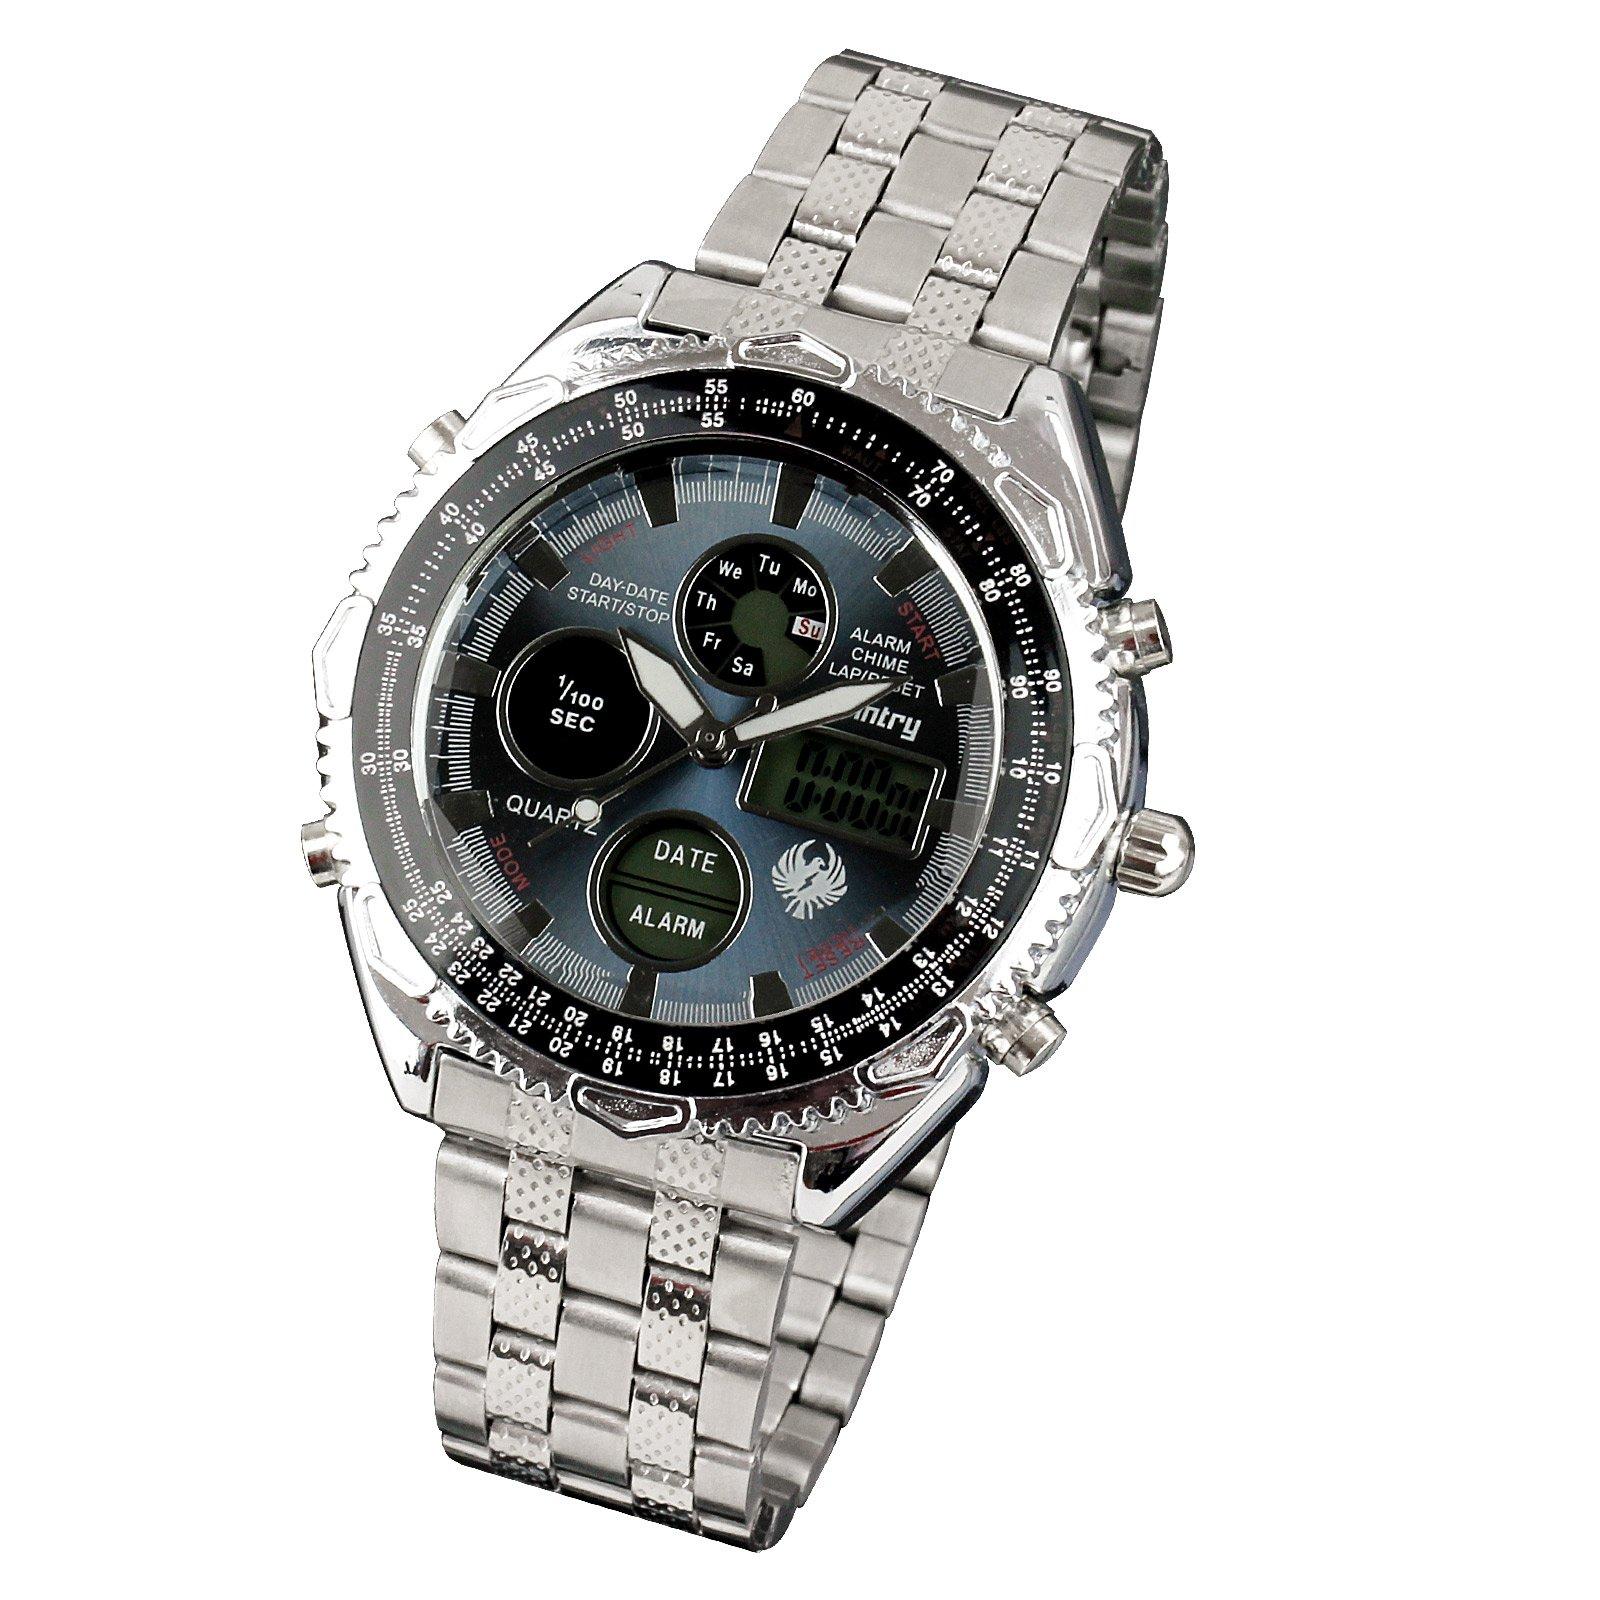 INFANTRY-MEN-039-S-LED-DIGITAL-ANALOG-WRIST-WATCH-Luminous-Stainless-Steel-Bracelet thumbnail 20